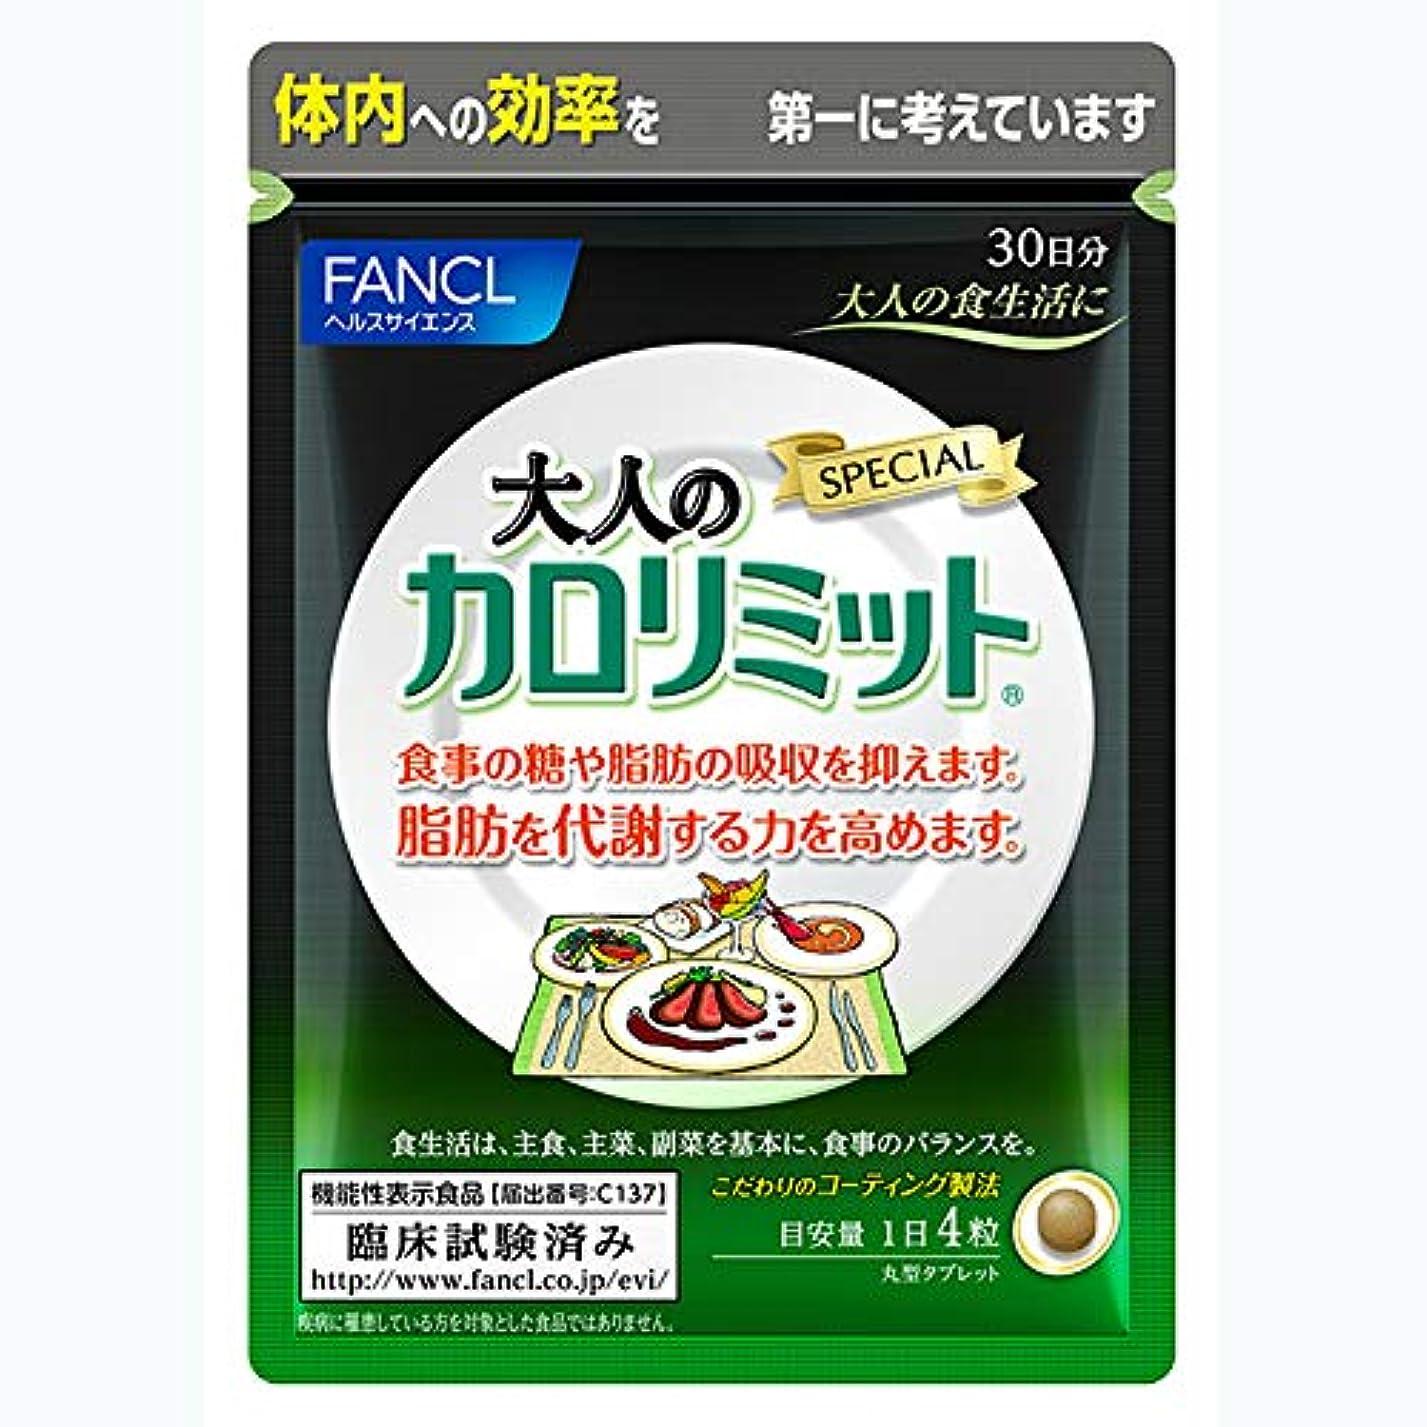 置くためにパック散らすトロリーファンケル(FANCL) 大人のカロリミット [機能性表示食品] 30日分 120粒